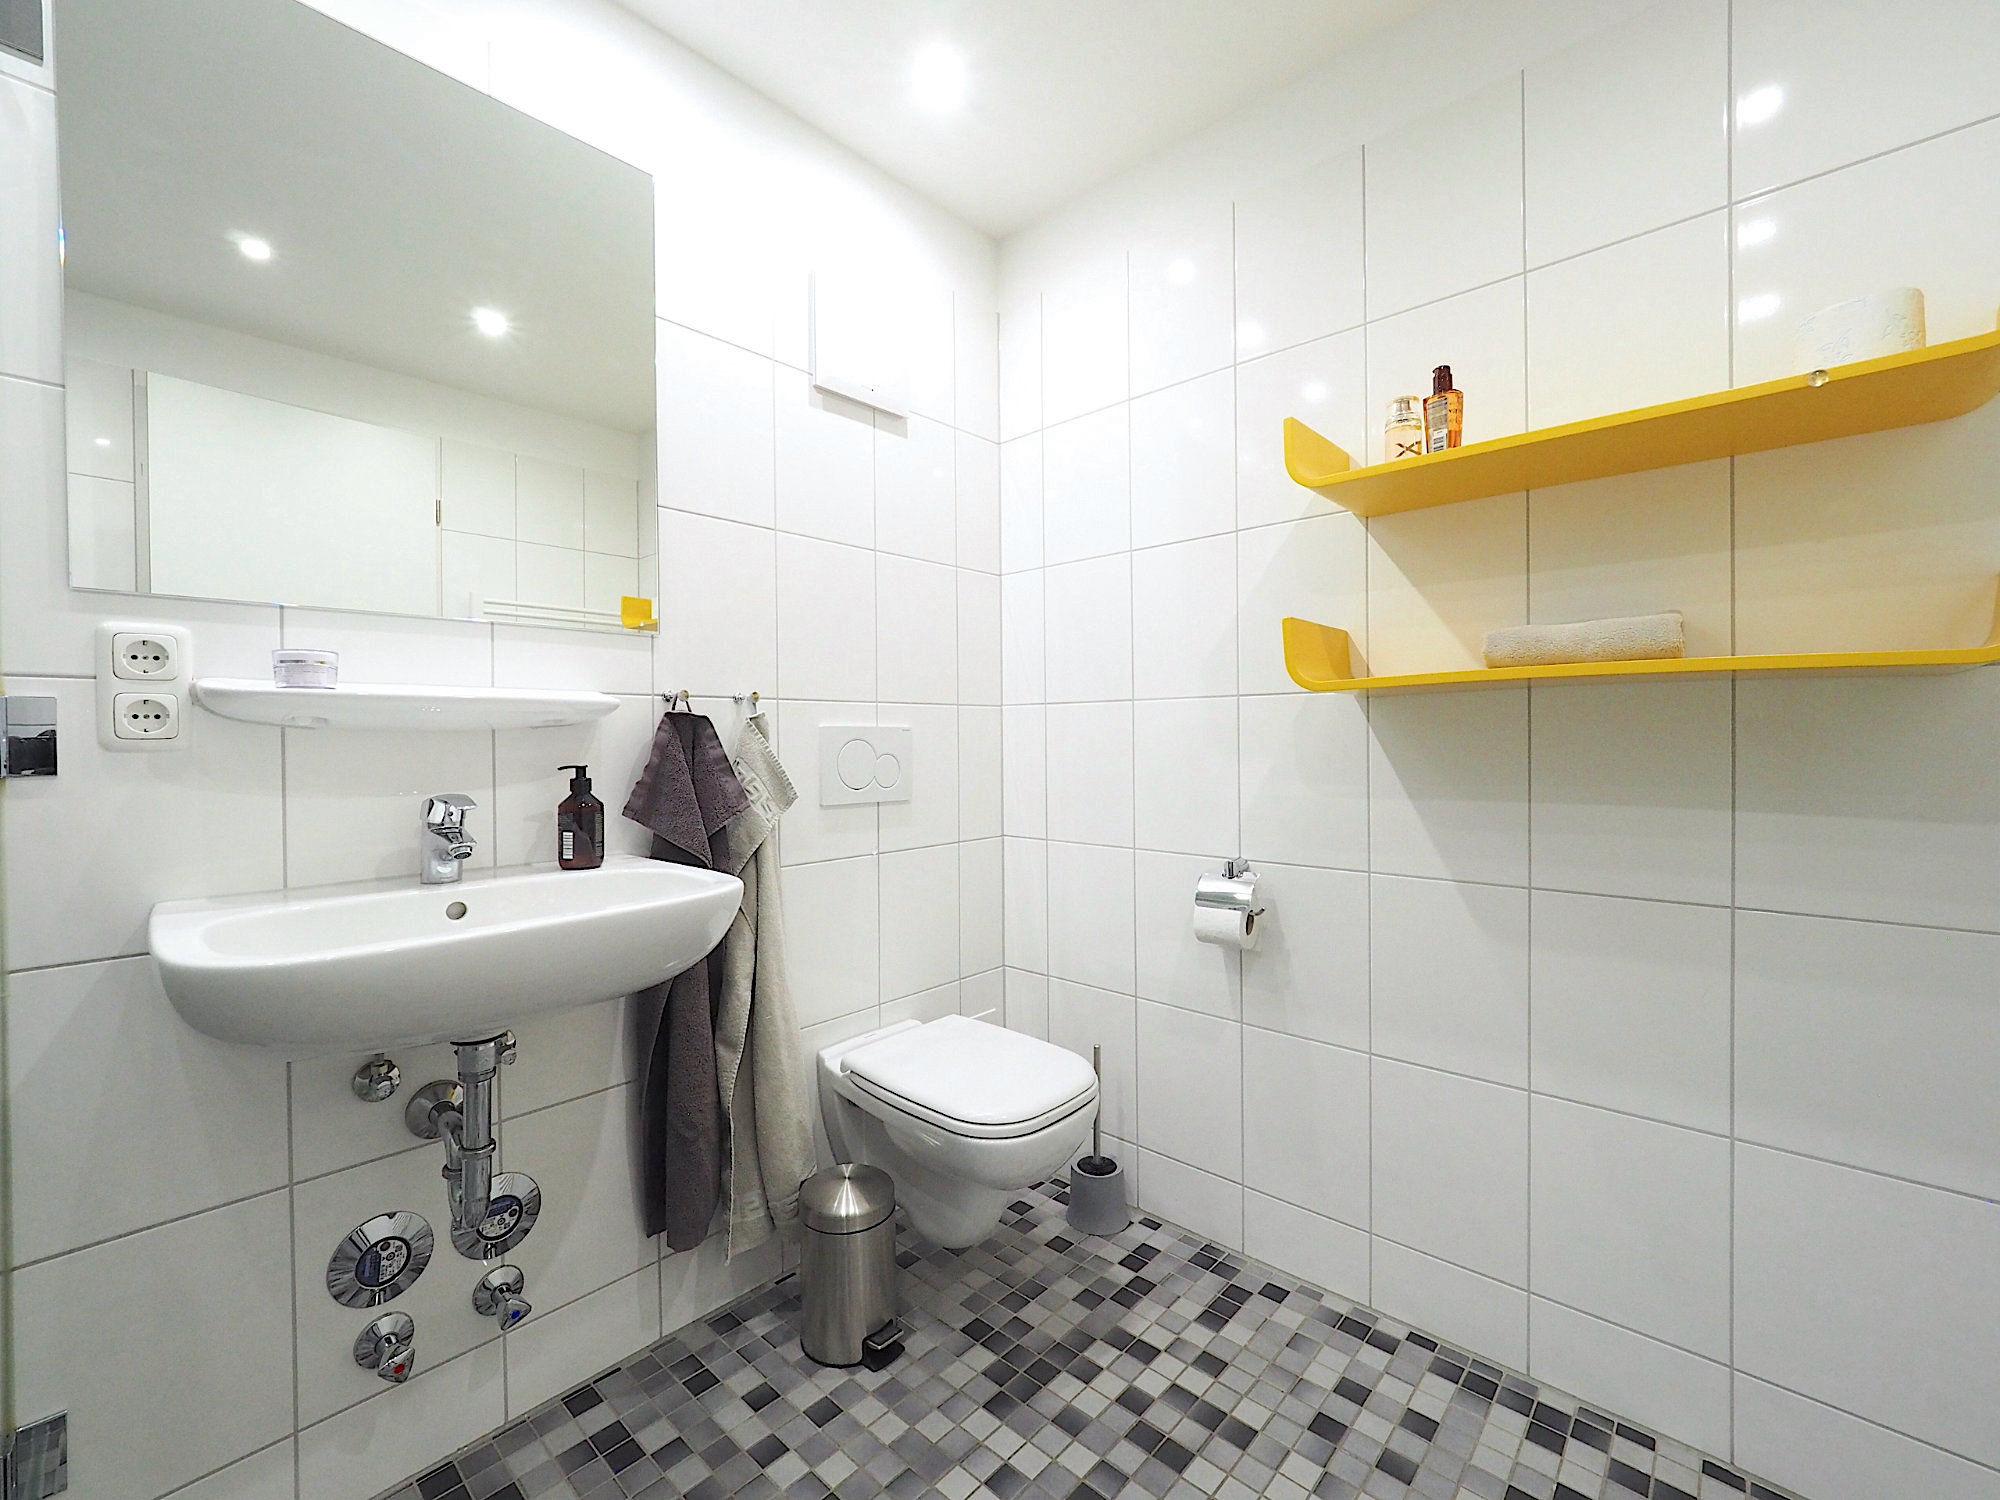 Duschbad mit Dusche, Waschbecken, WC und zwei Regalen